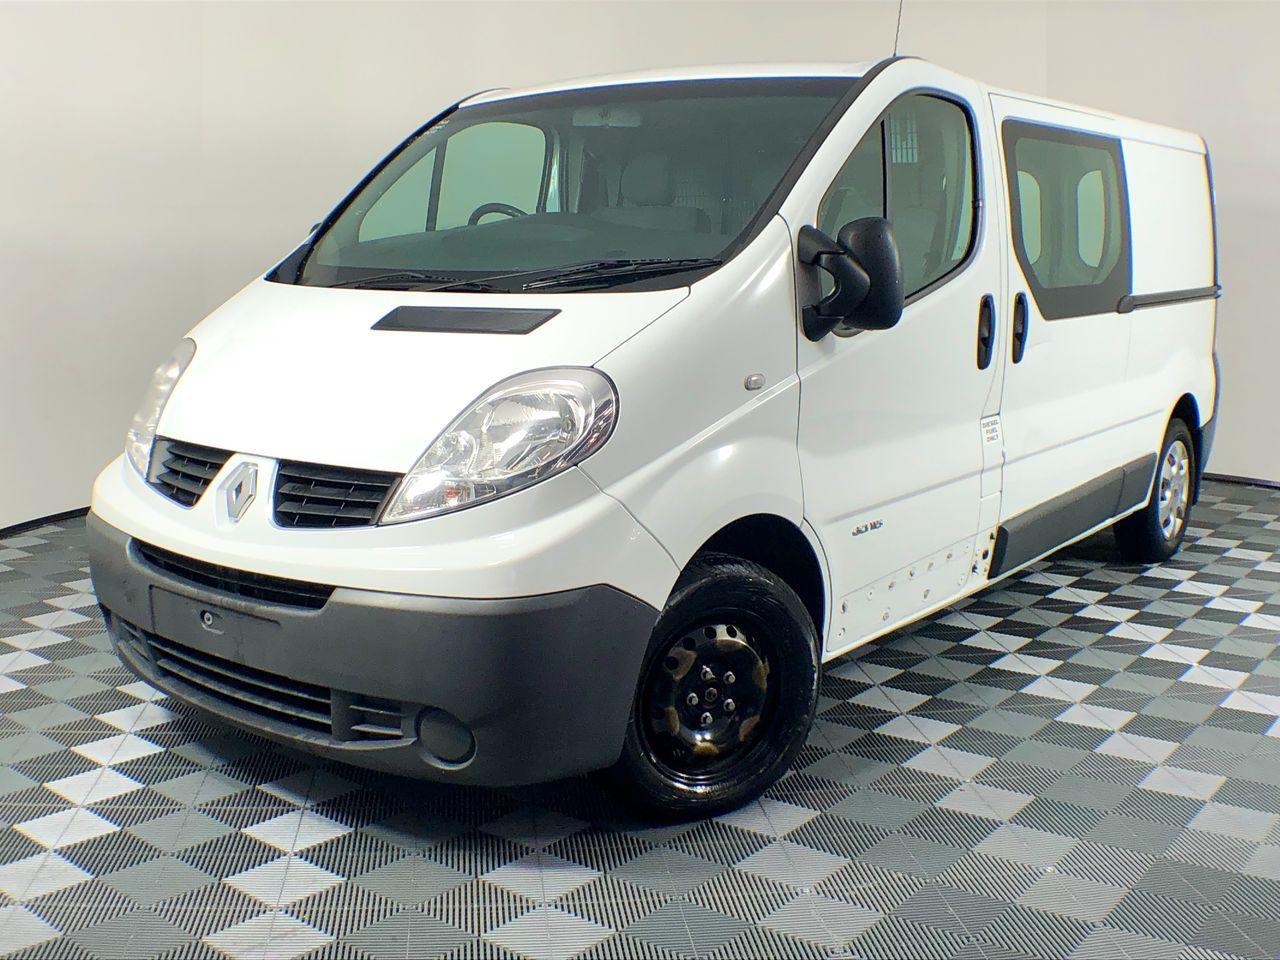 2014 Renault Trafic LWB Turbo Diesel Manual Van